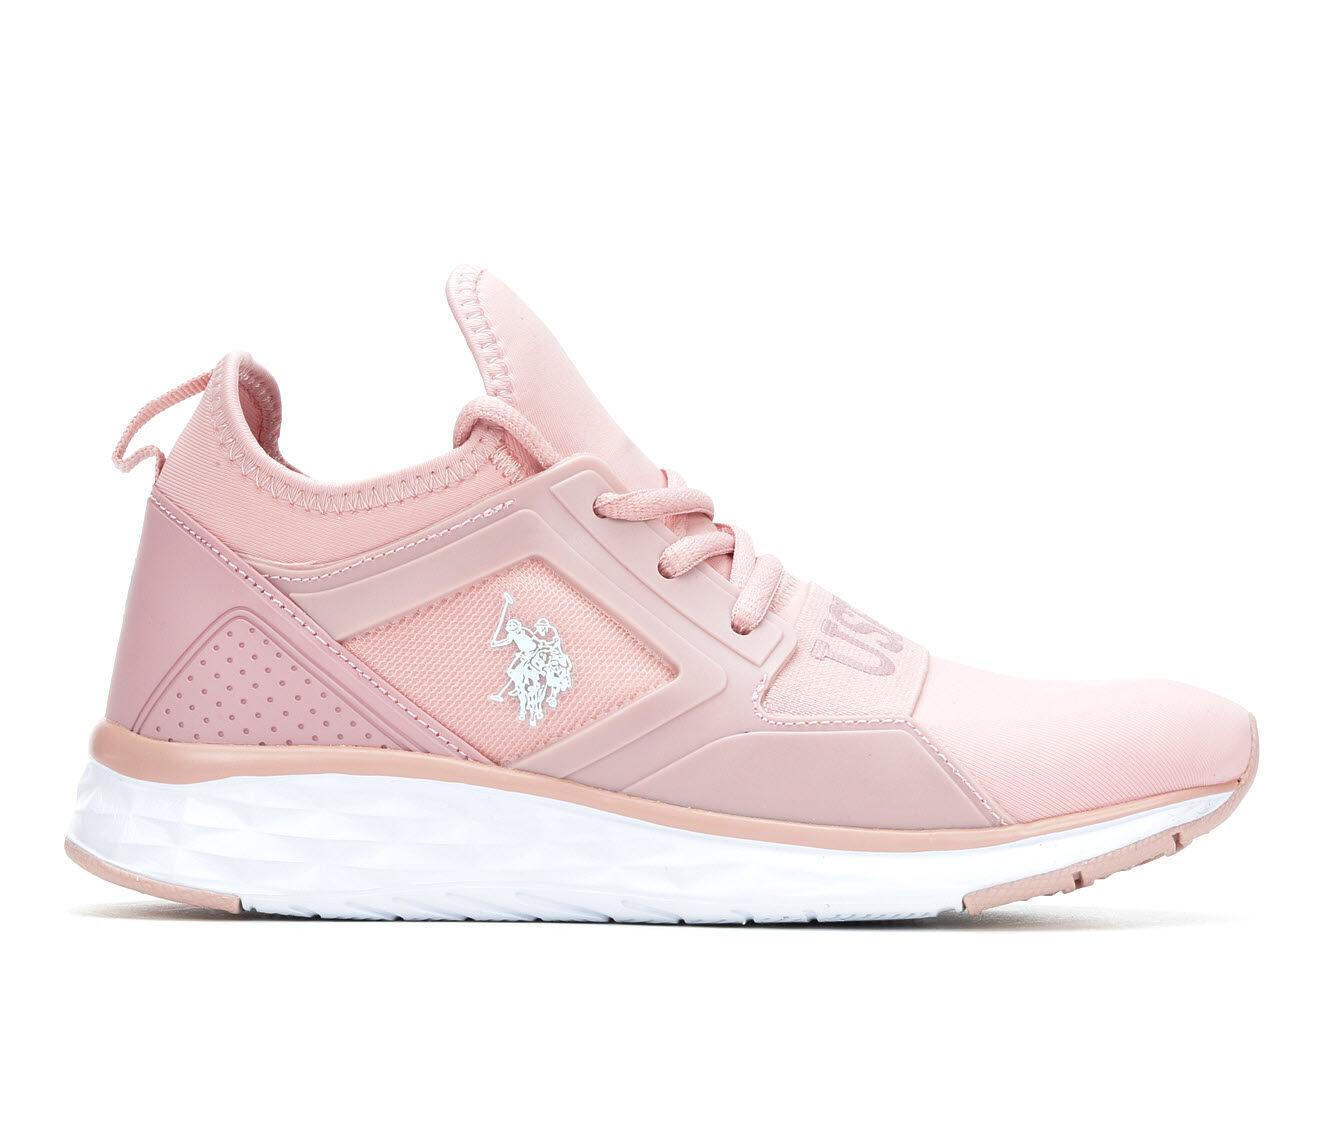 Women's US Polo Assn Jace Sneakers Blush/White